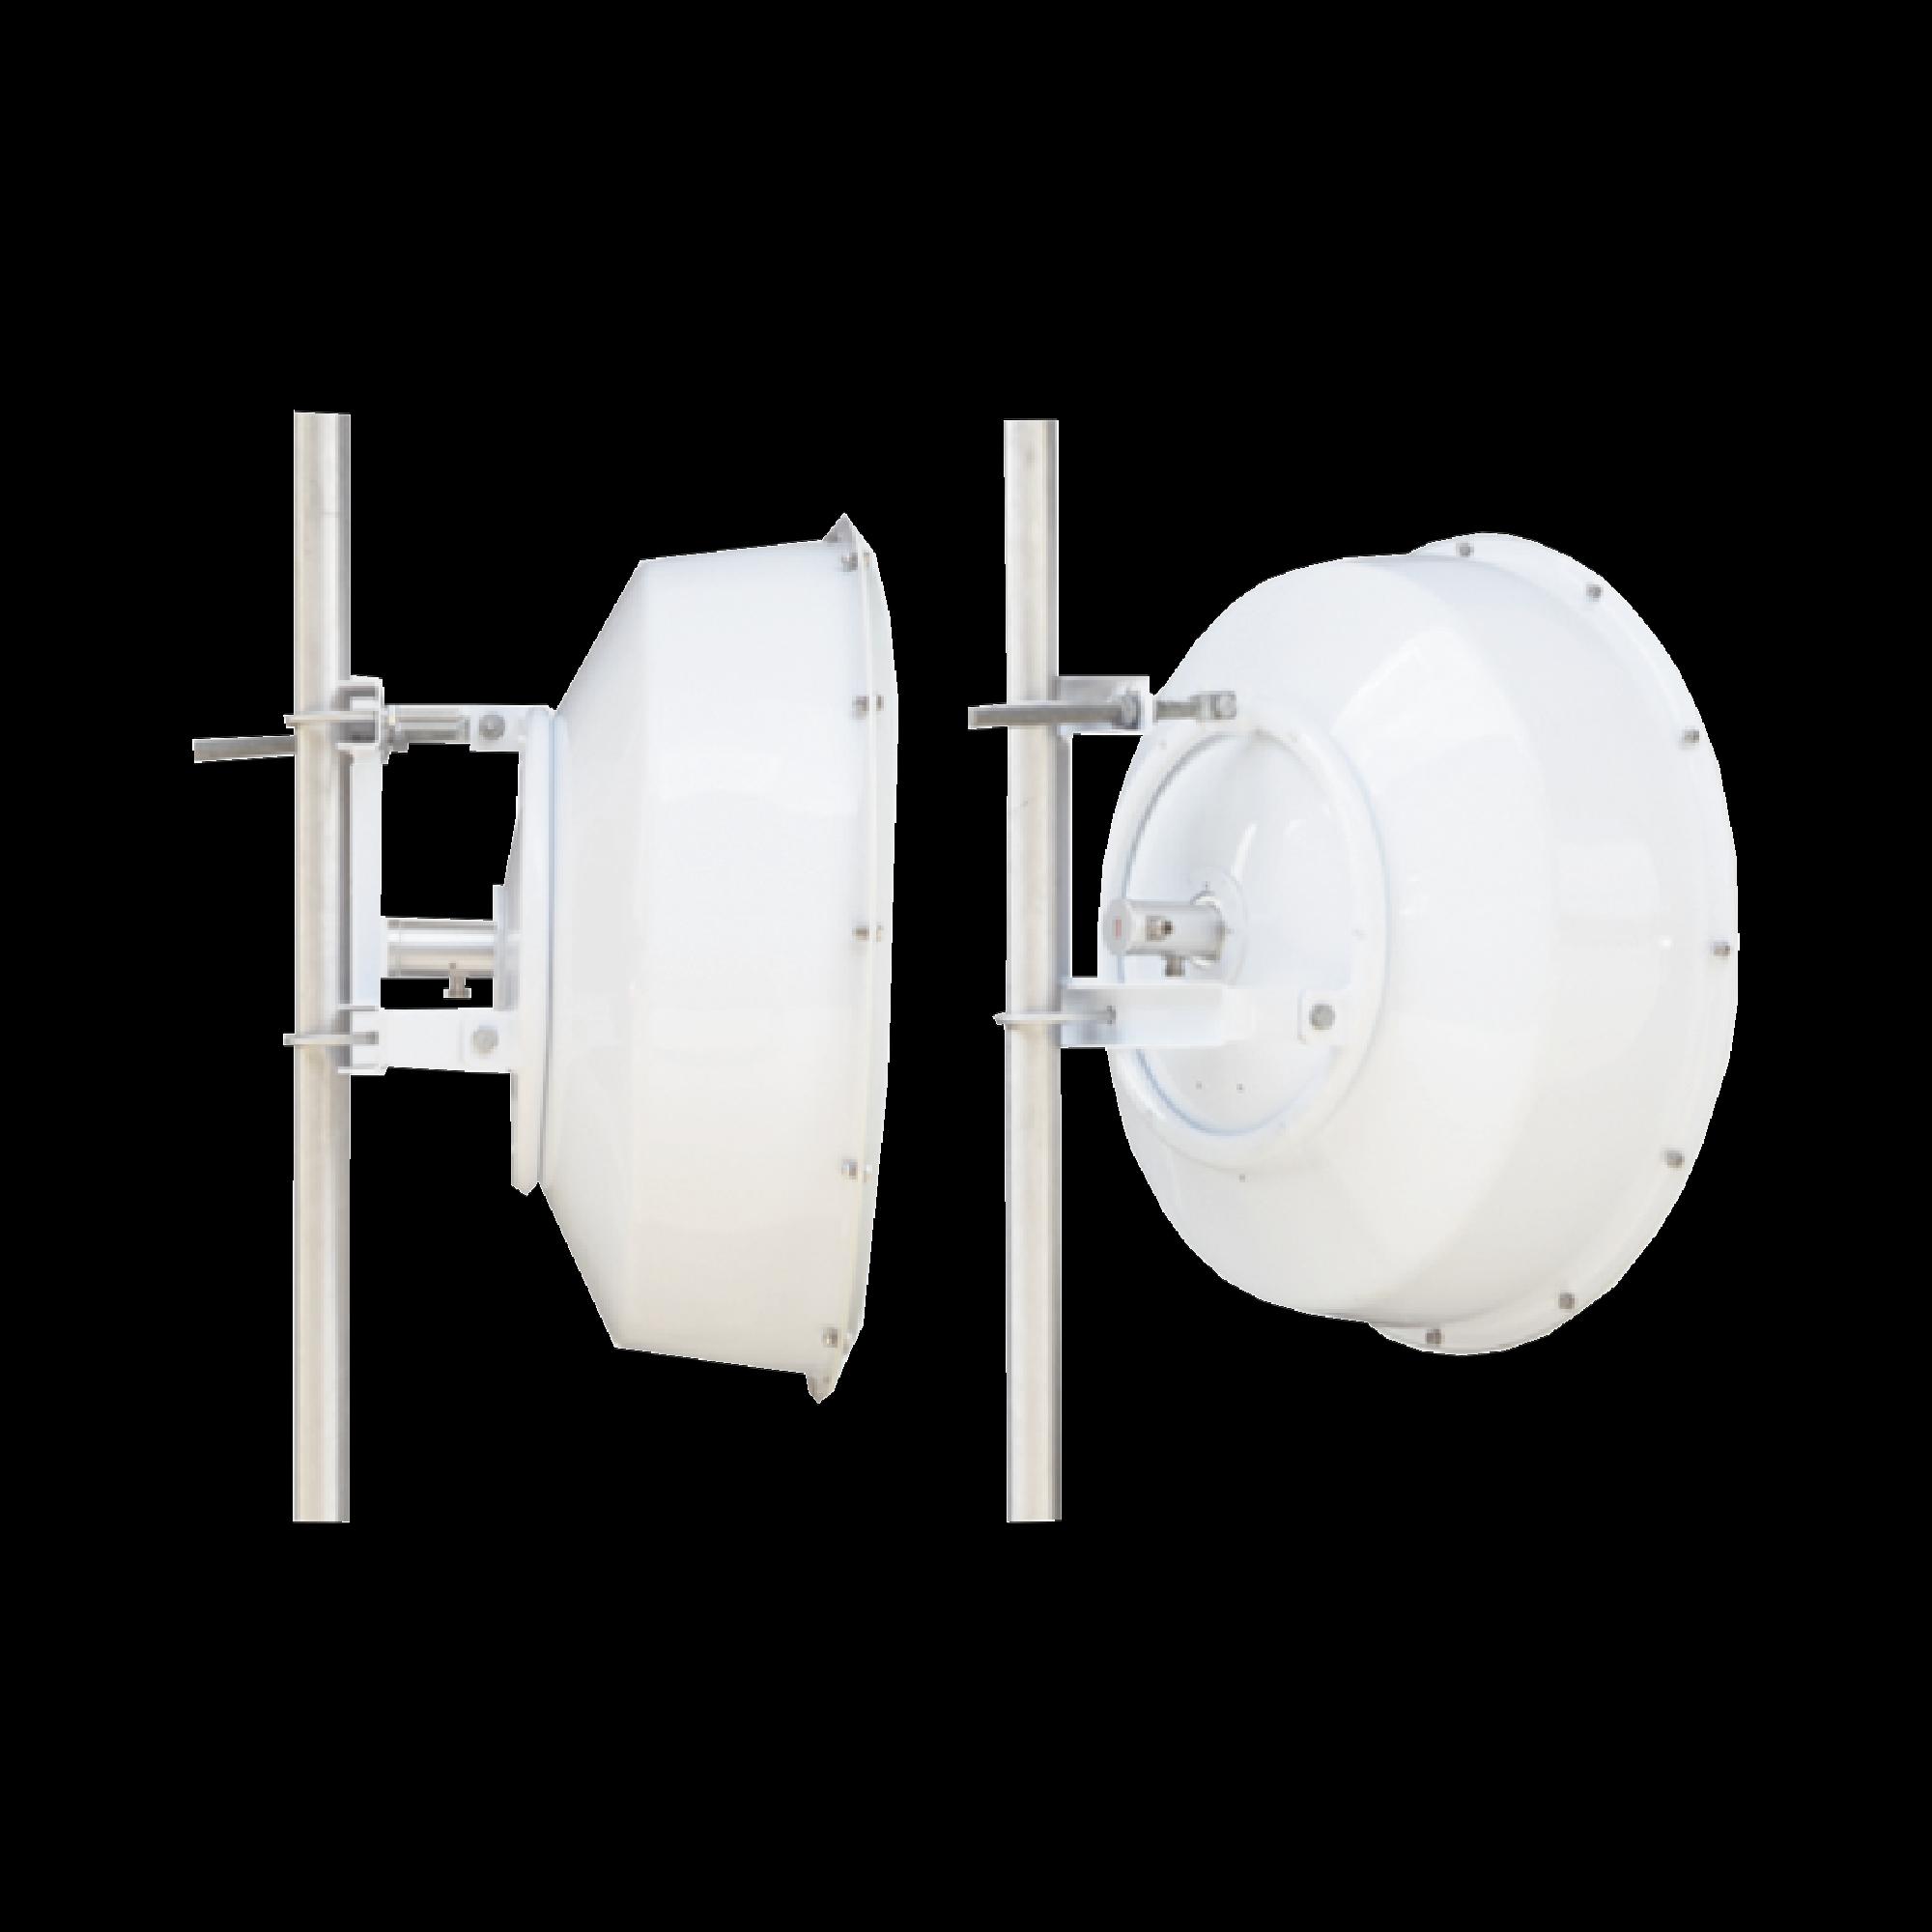 Antena direccional de alta resistencia, Ganancia 30 dBi, (4.9 -6.4 GHz), Plato hondo para mayor inmunidad al ruido, Conectores N-Hembra, Montaje incluido.